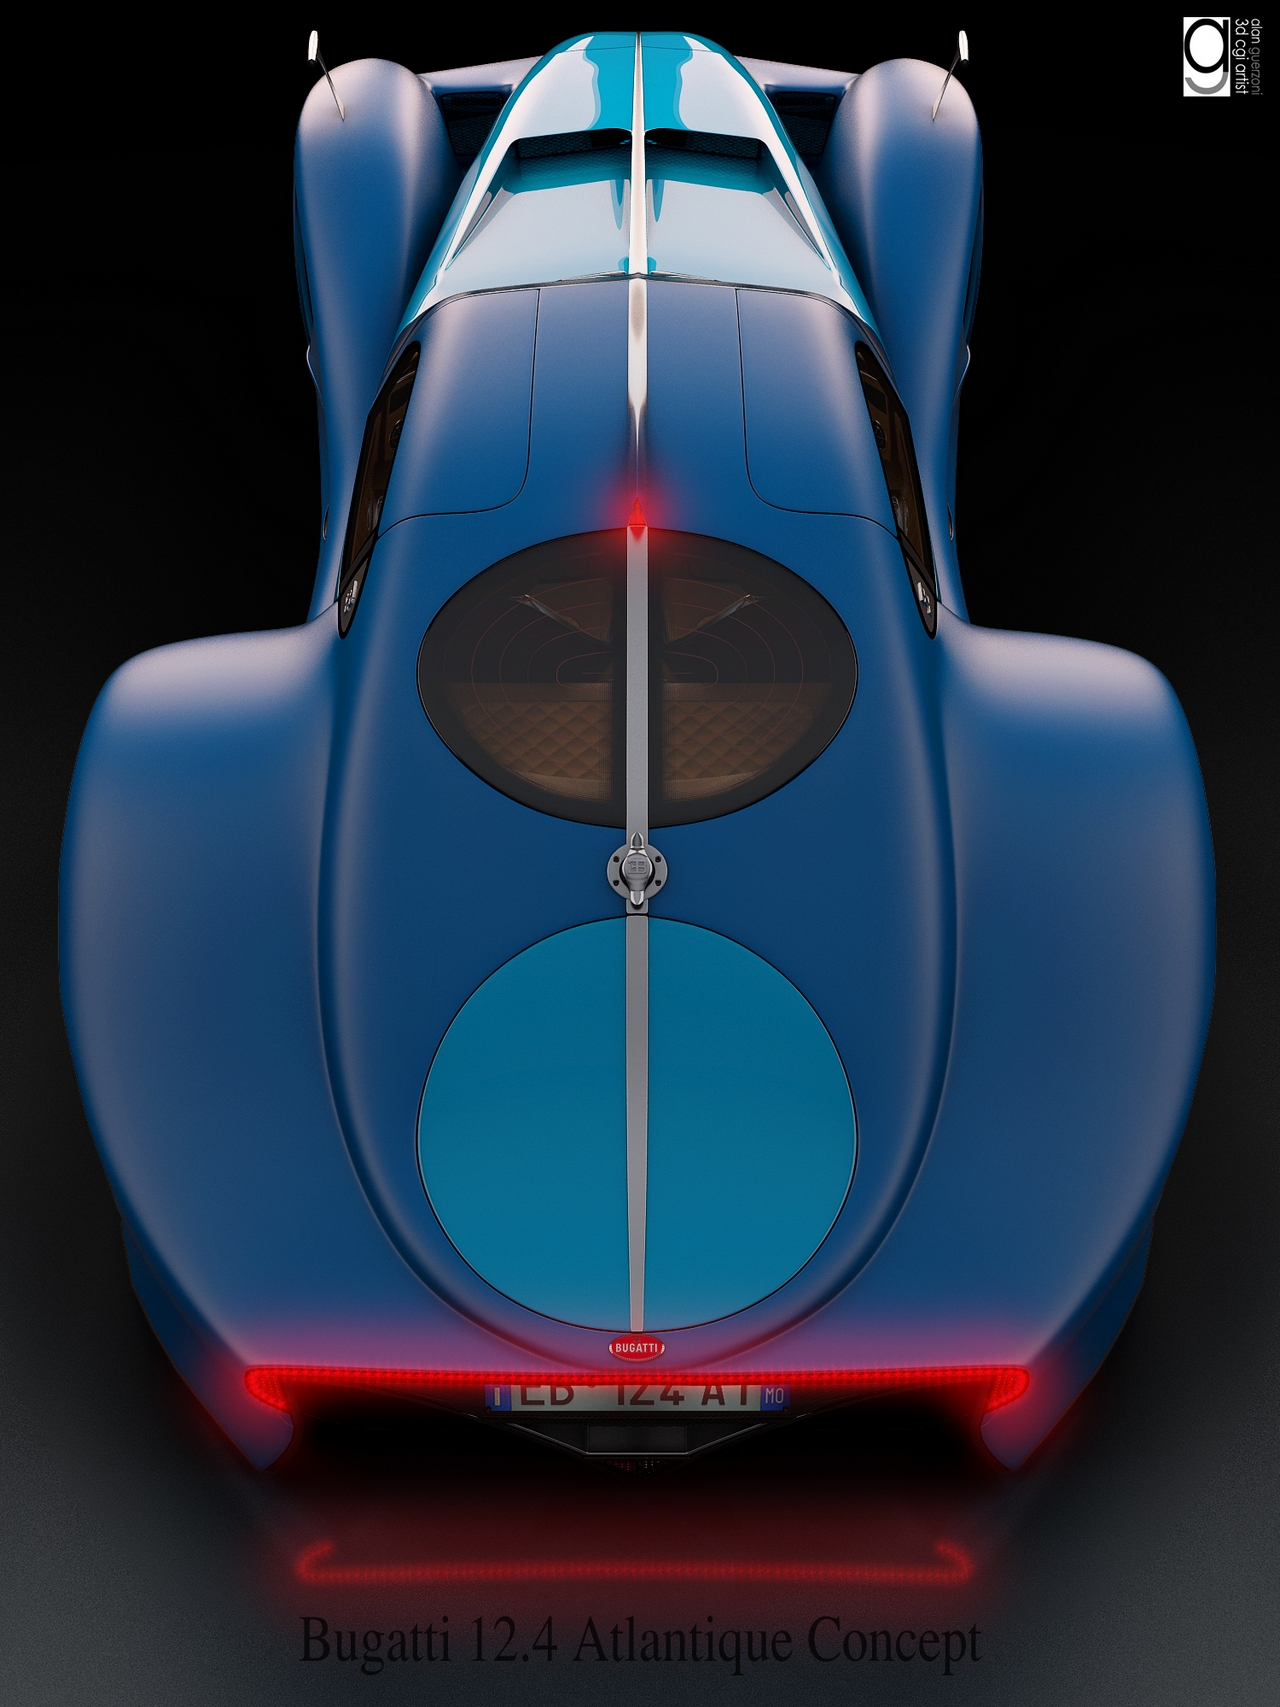 Bugatti 12.4 Atlantique Concept by Alan Guerzoni _170-100